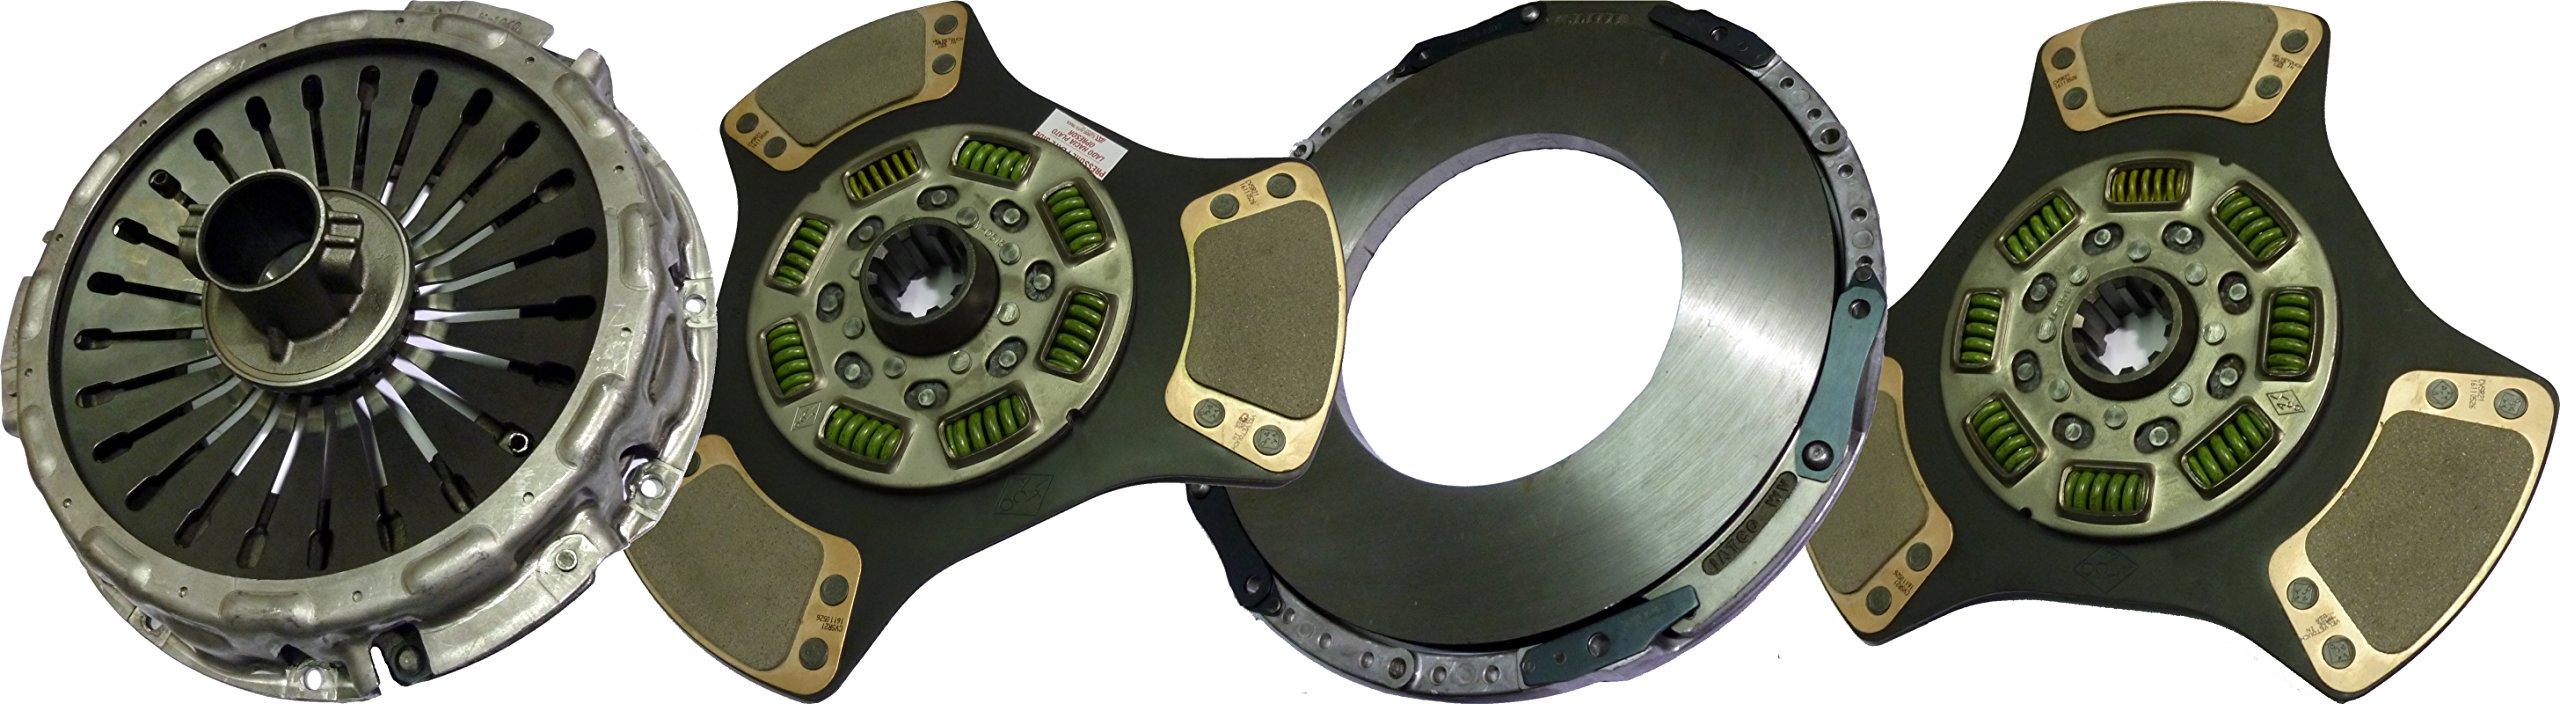 IATCO 104200-1-IAT 365mm x 1-3/4'' Stamped Steel Clutch